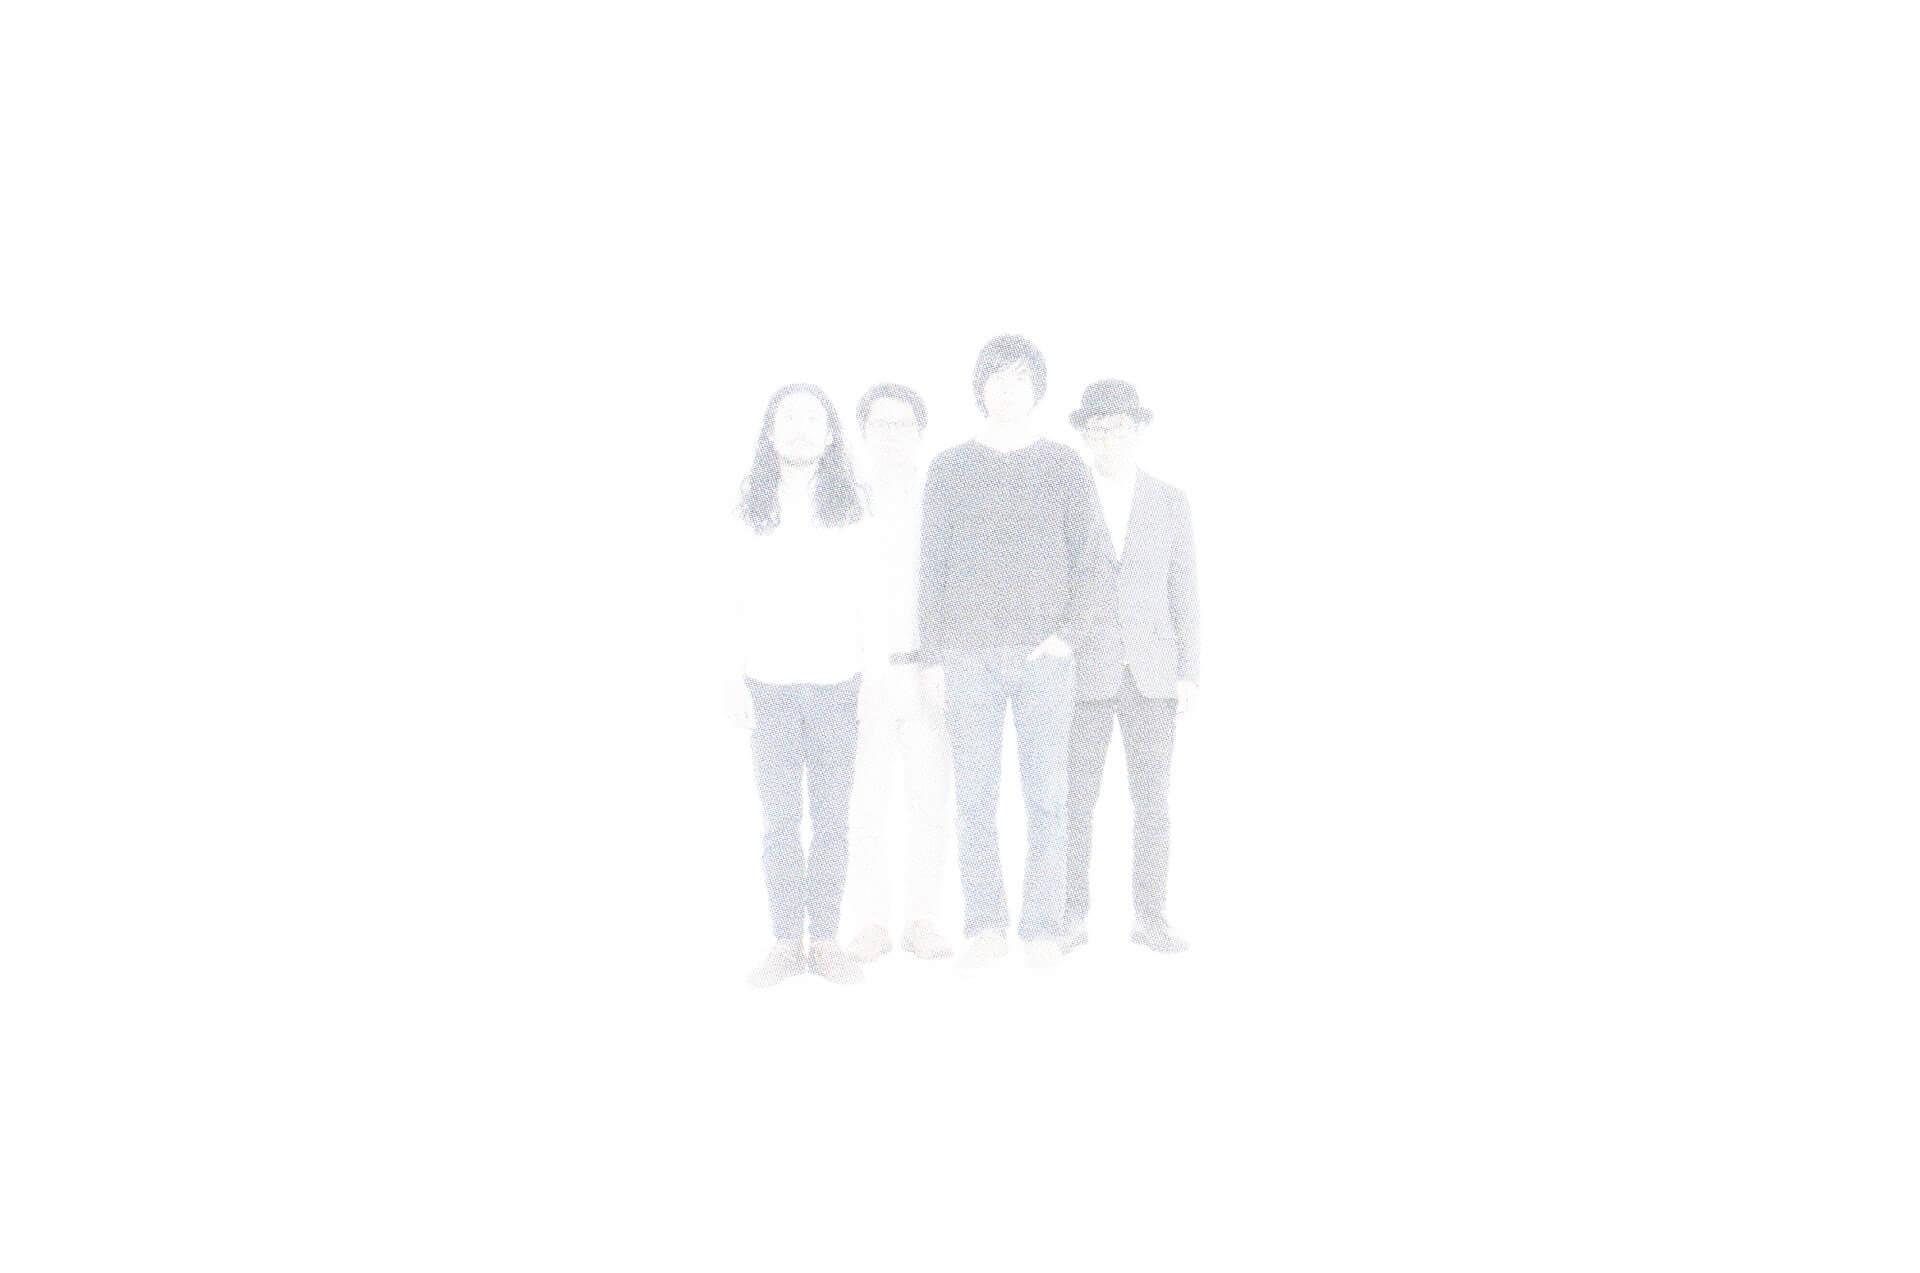 メッセージTシャツ・プロジェクト〈We will meet again〉にOGRE YOU ASSHOLEと踊ってばかりの国が登場 music200610-liquidroom-oya-odottebakarinokuni-1